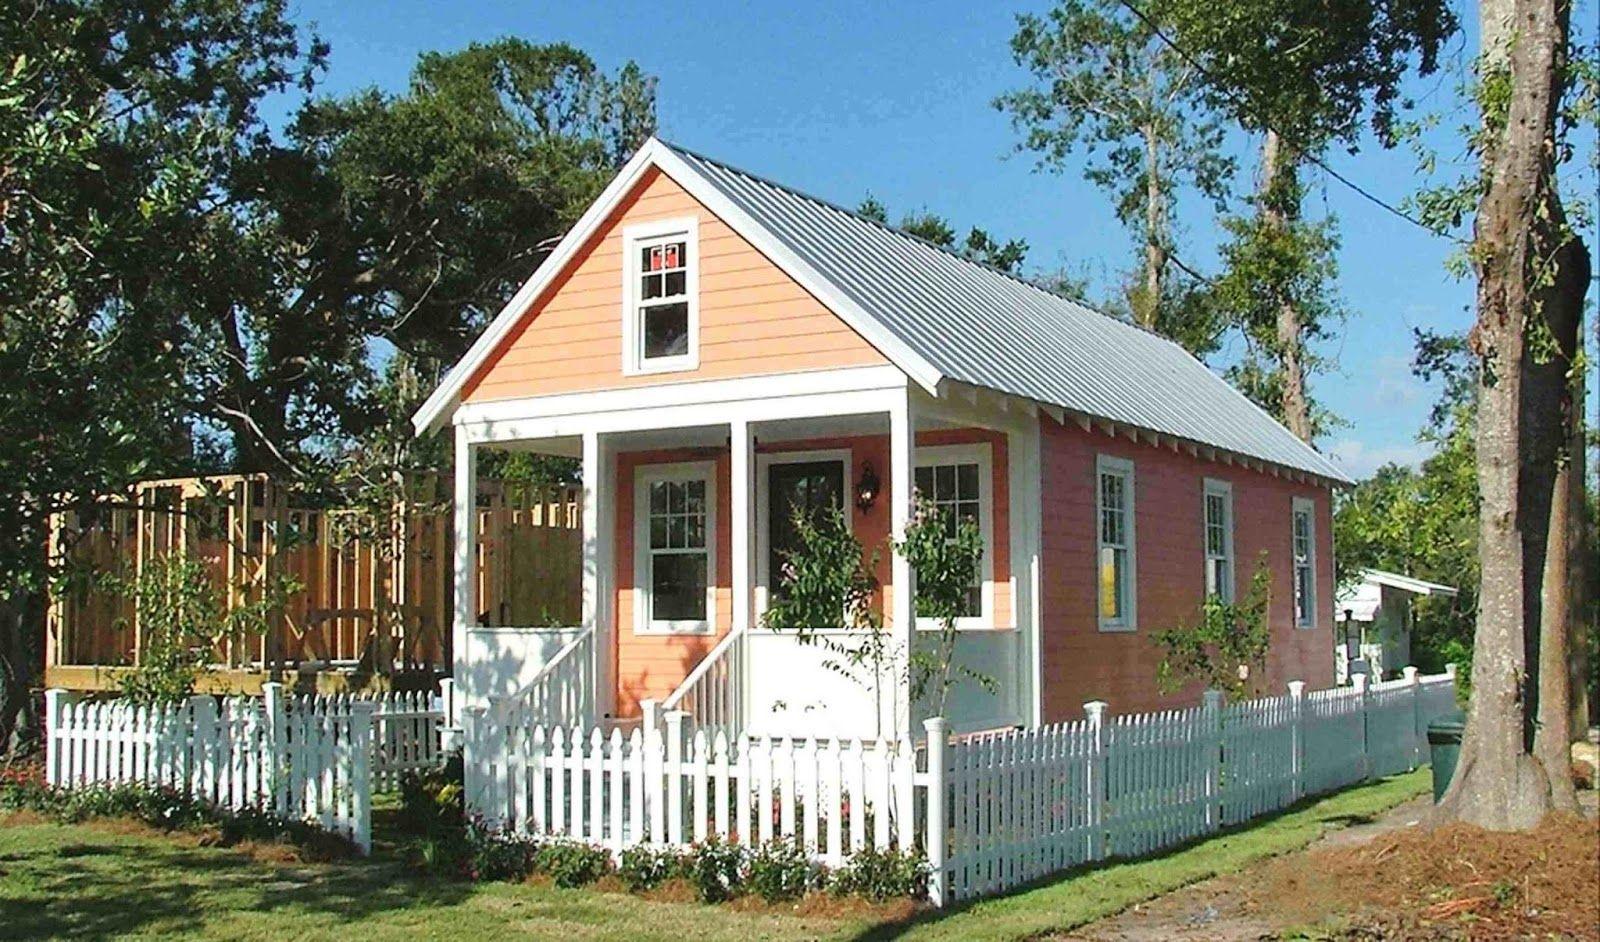 70 Desain Rumah Kayu Minimalis Sederhana Dan Klasik Desainrumahnya Com Wooden House Design Small House Design Simple Small House Design